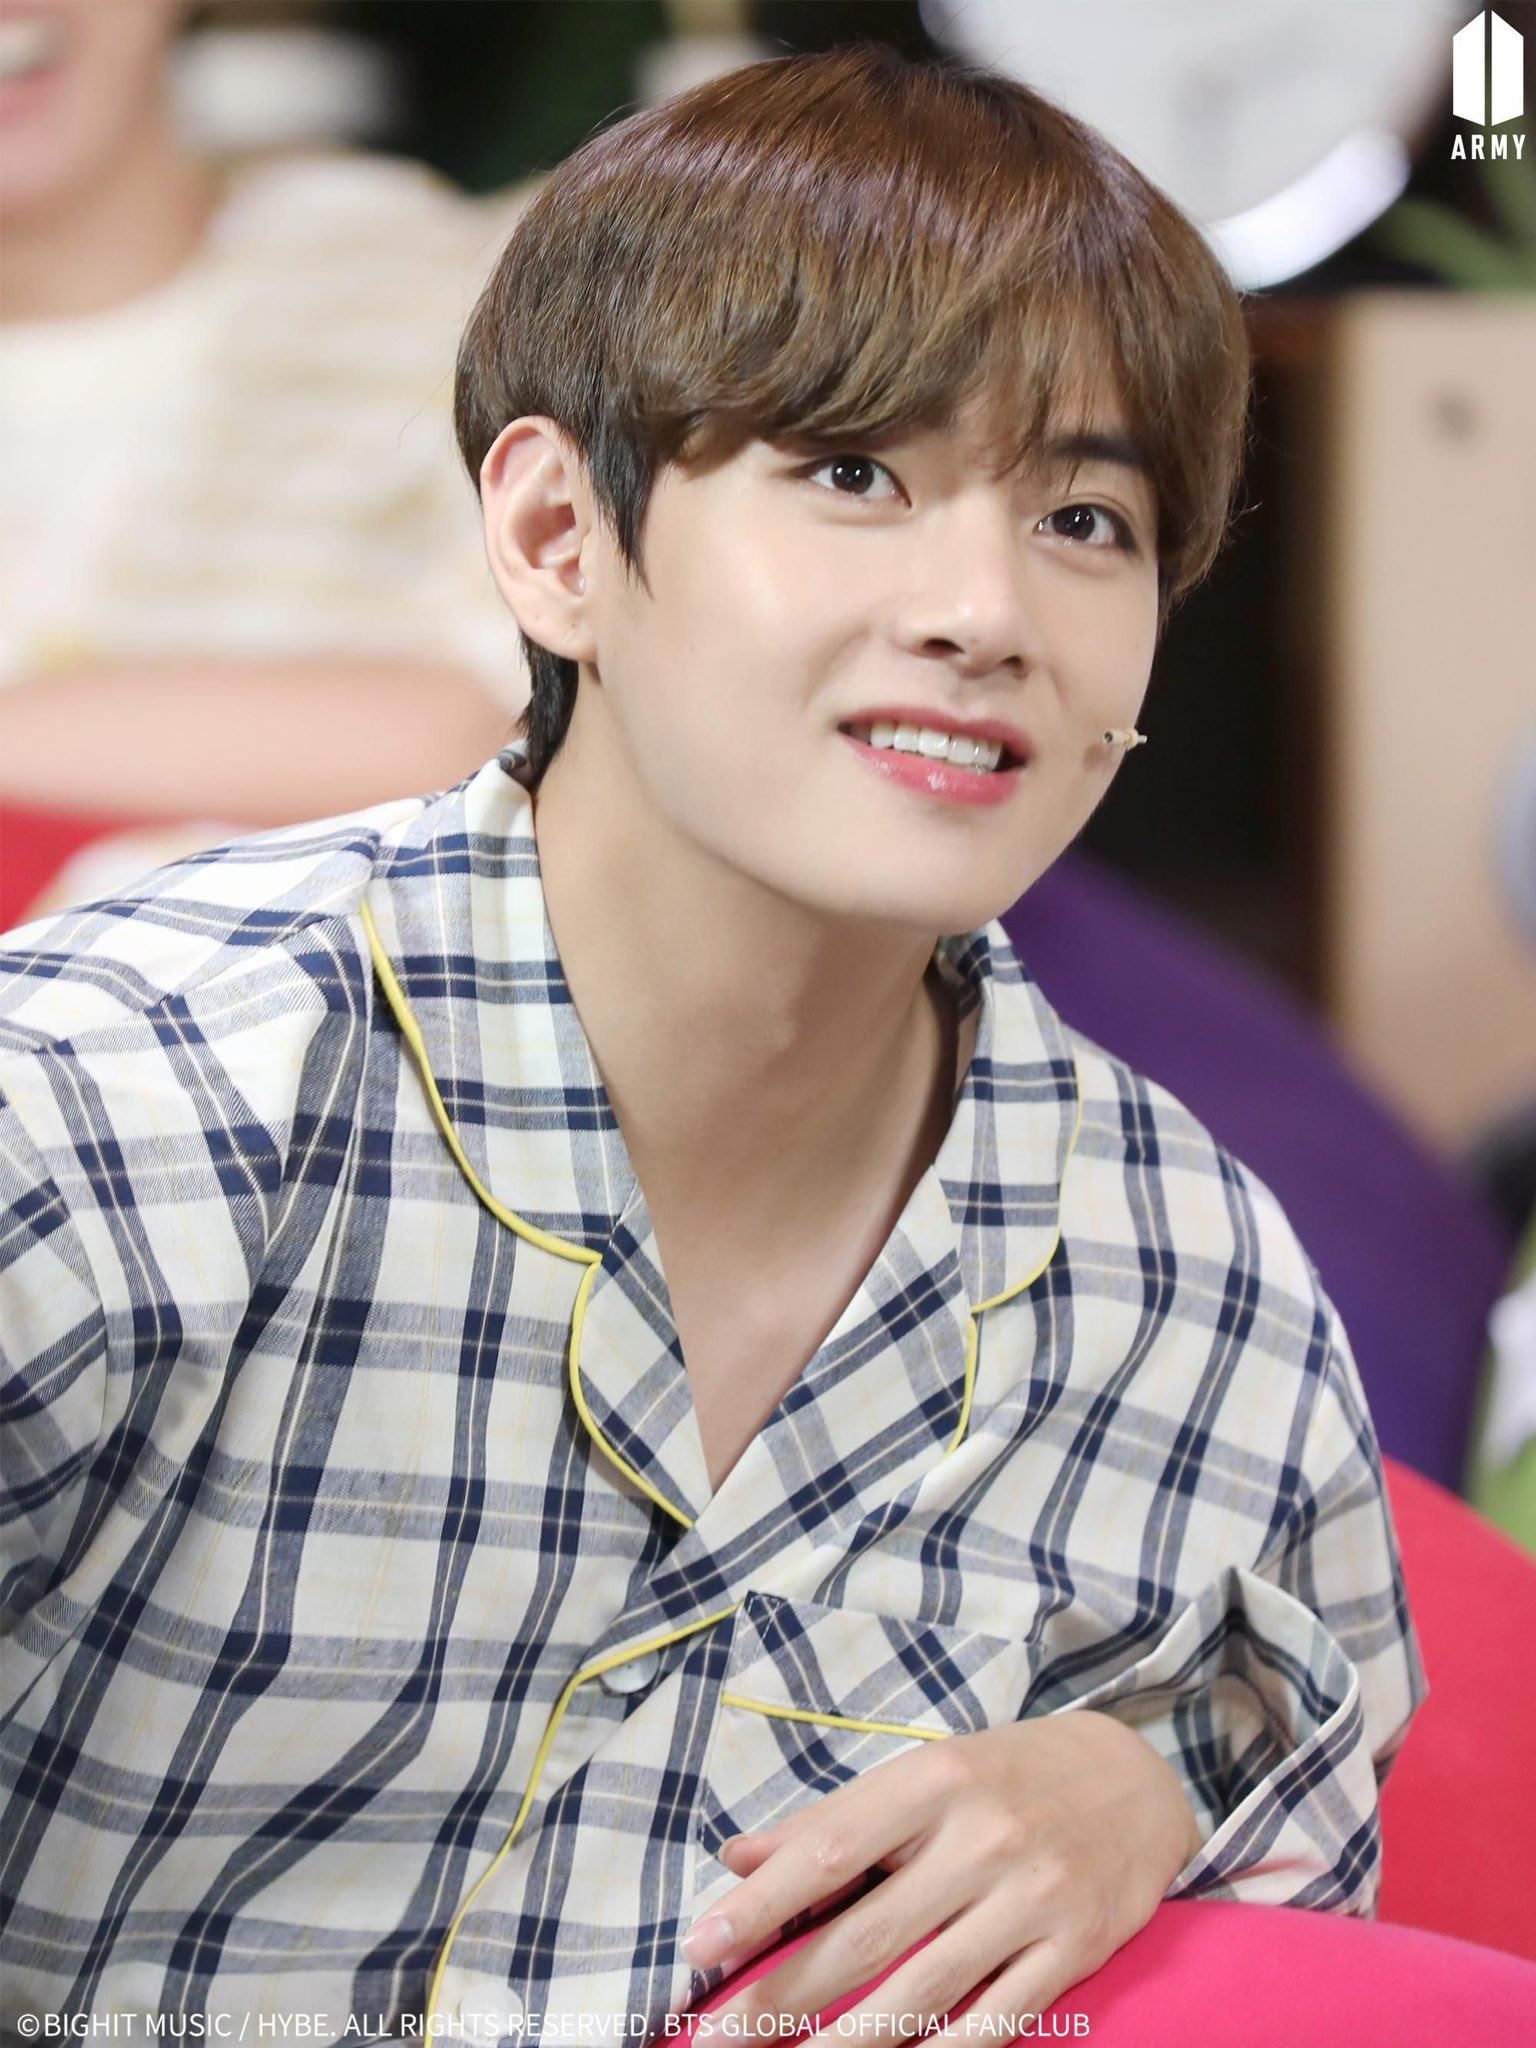 Ảnh mới của V (BTS) khiến fan ngỡ như thời gian bỏ quên suốt 3 năm - 1